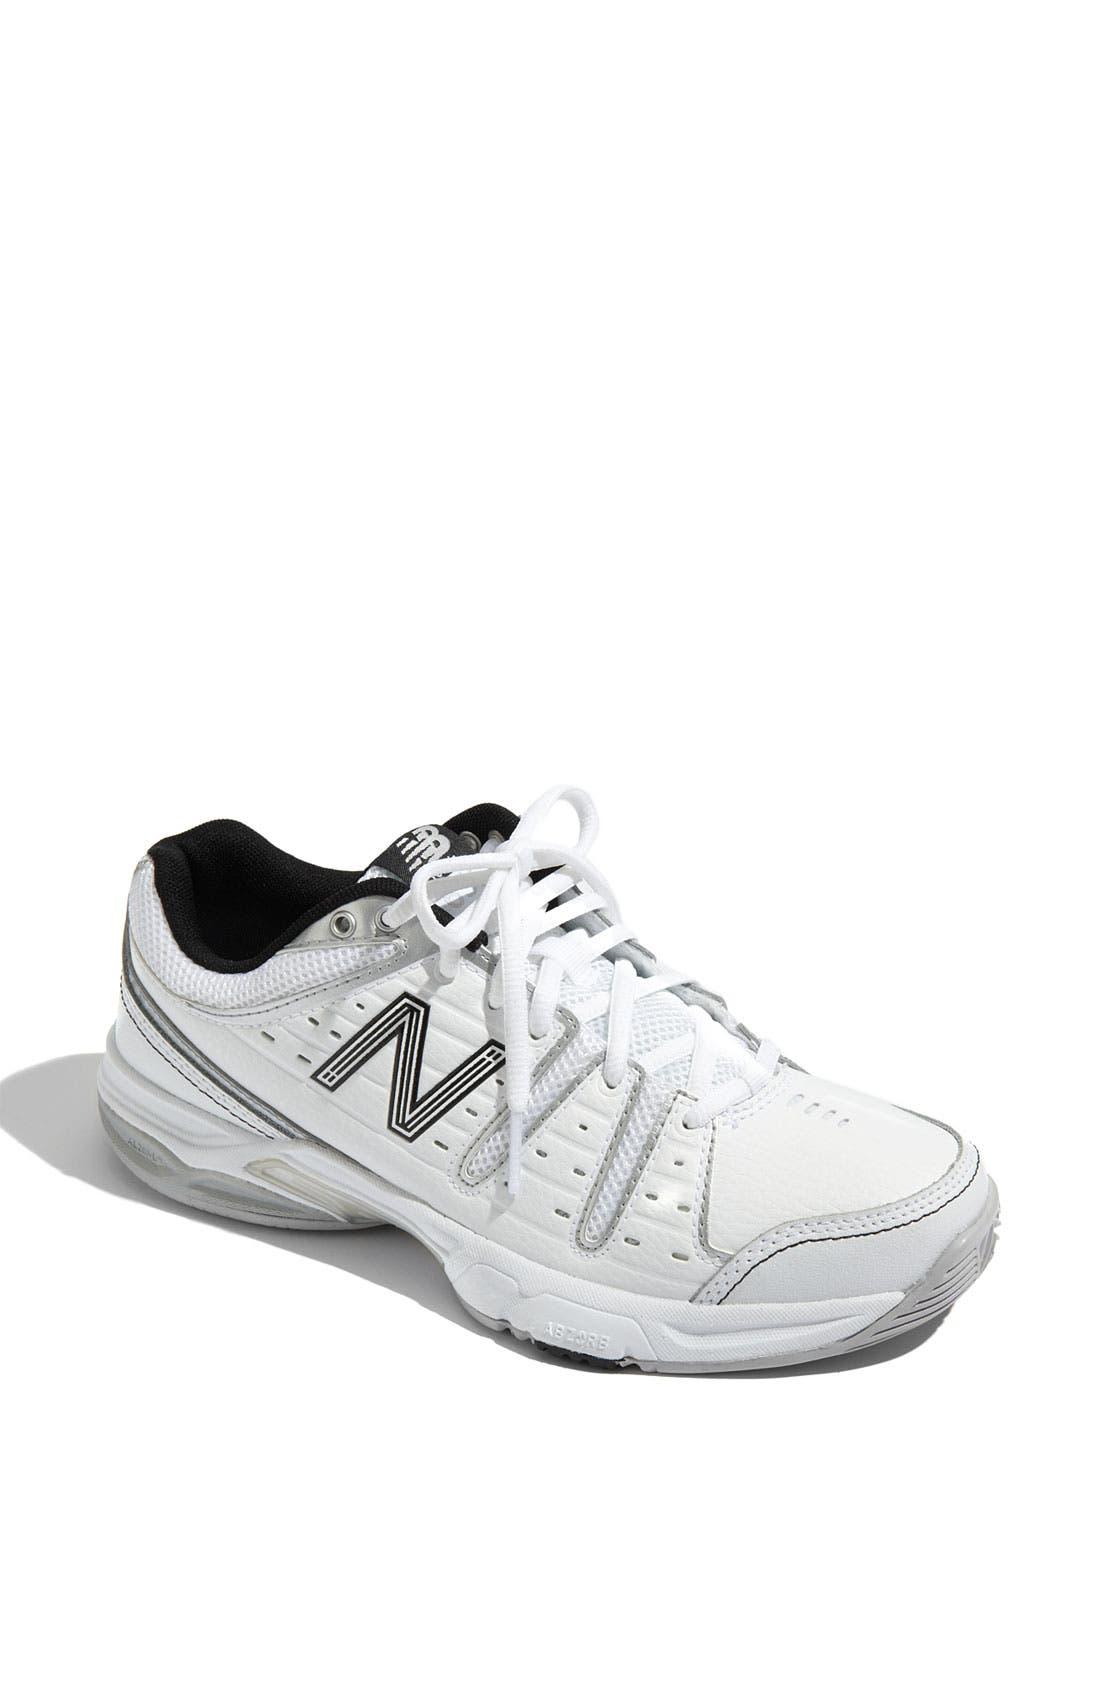 Alternate Image 1 Selected - New Balance '656' Tennis Shoe (Women)(Retail Price: $79.95)